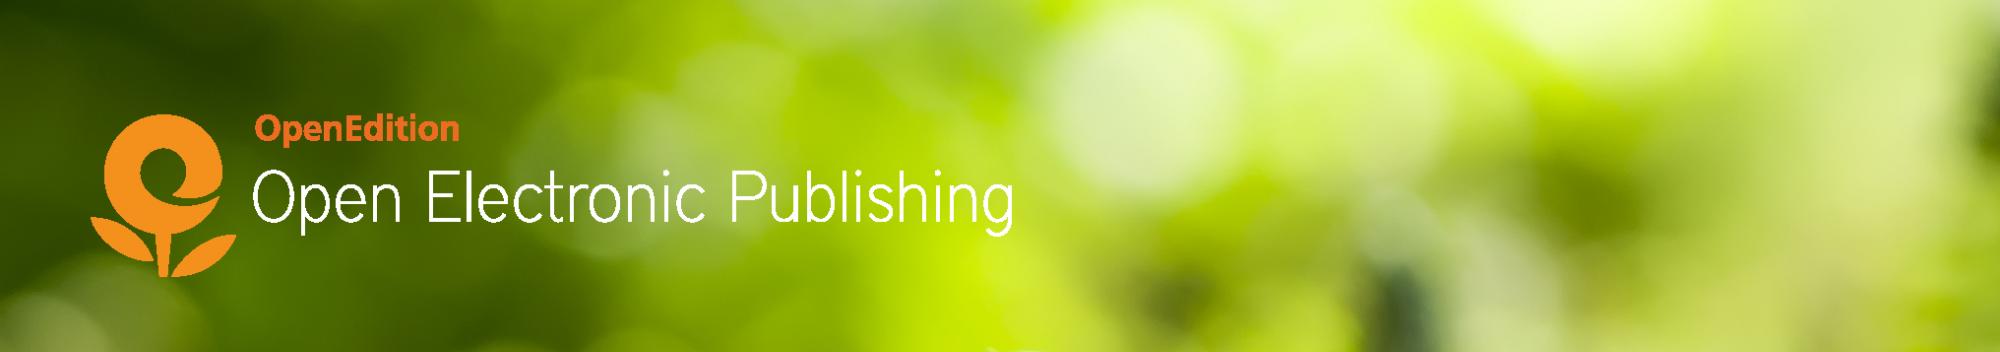 Open Electronic Publishing